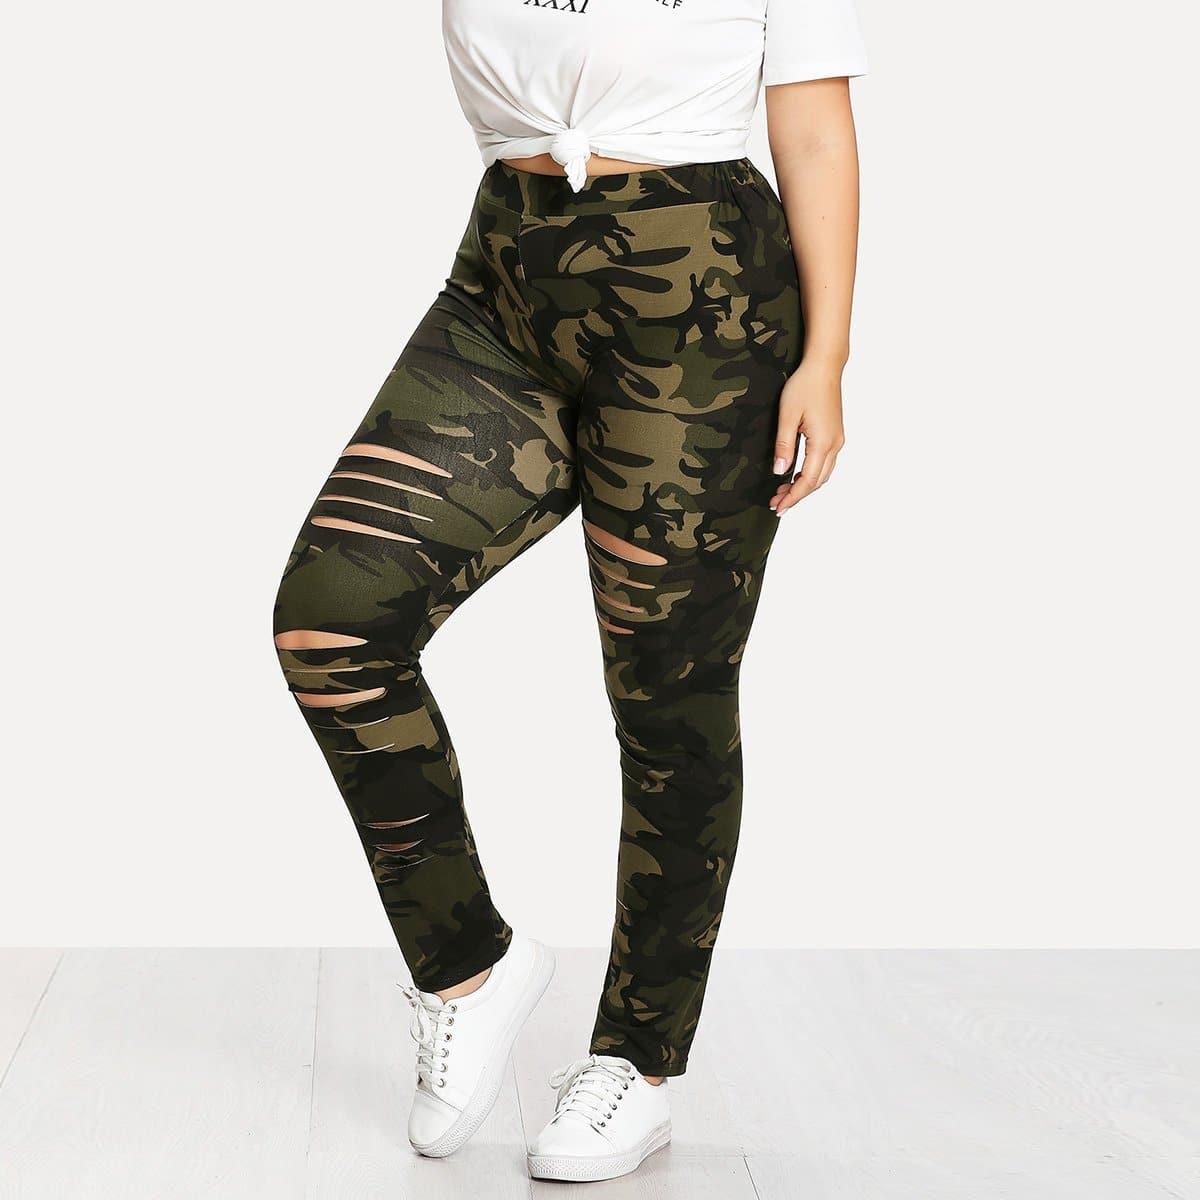 Plus Gescheurde Legging met Camouflage Print